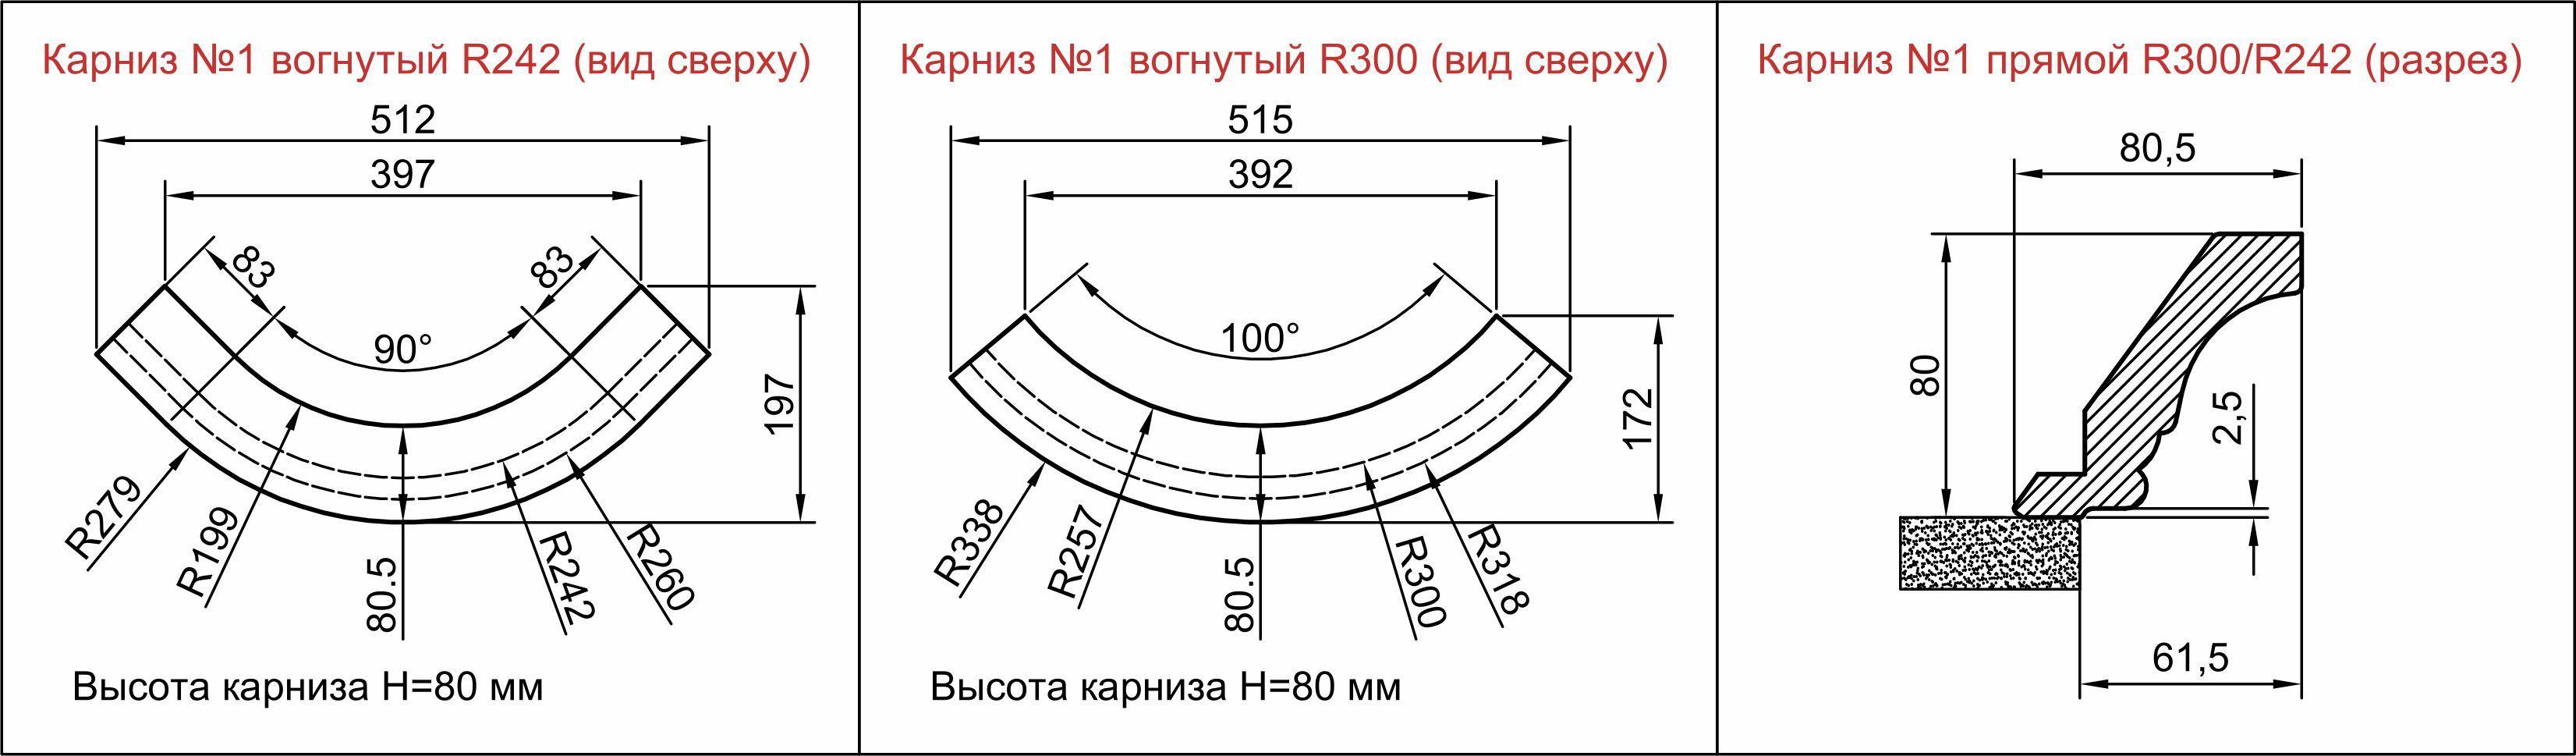 Карниз 6011 для кухонной мебели гнутый и прямой